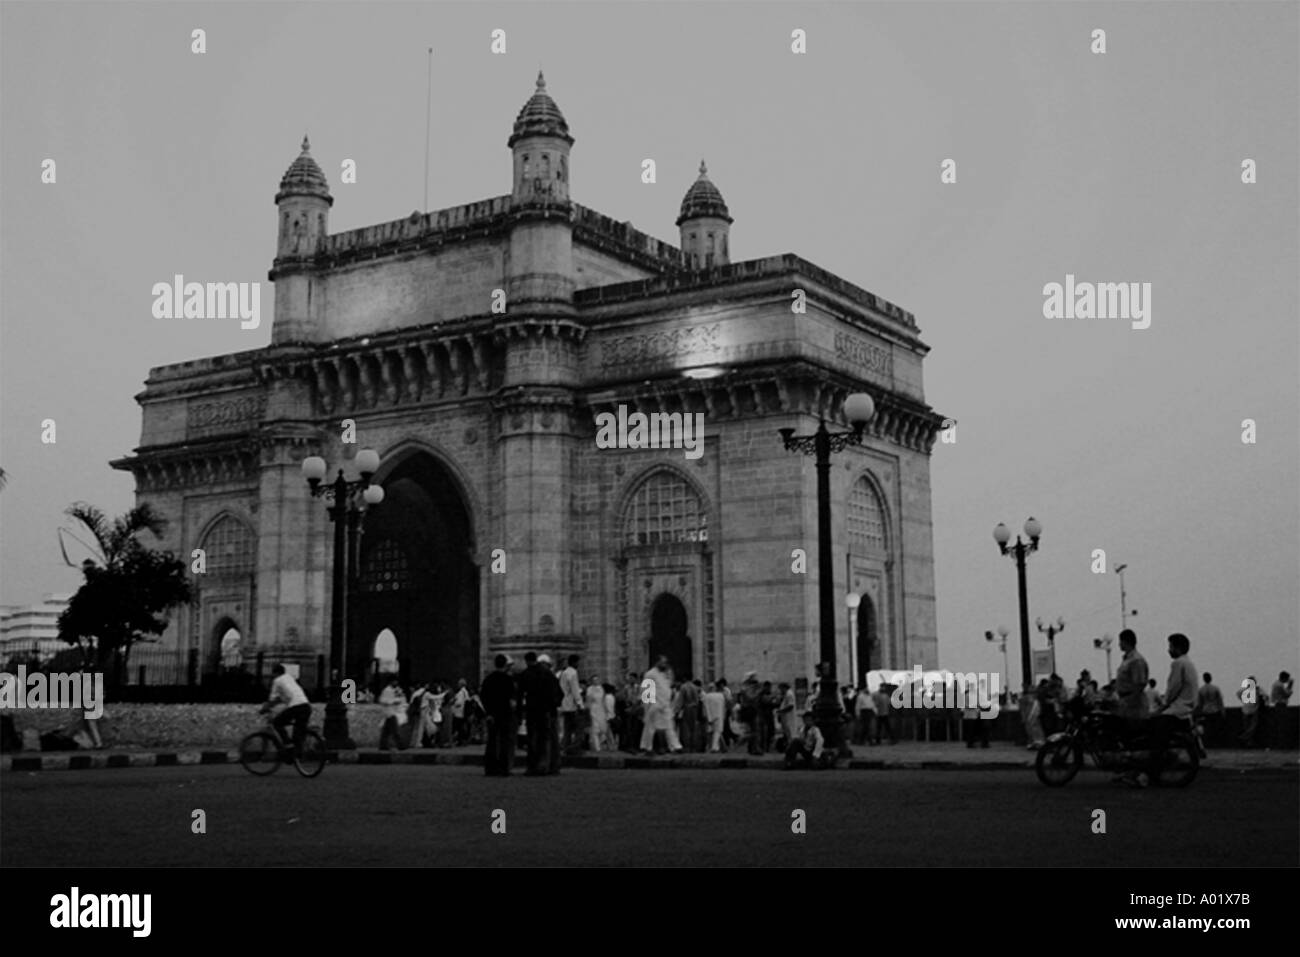 Gateway of India in the evening Bombay now Mumbai Maharastra India - Stock Image